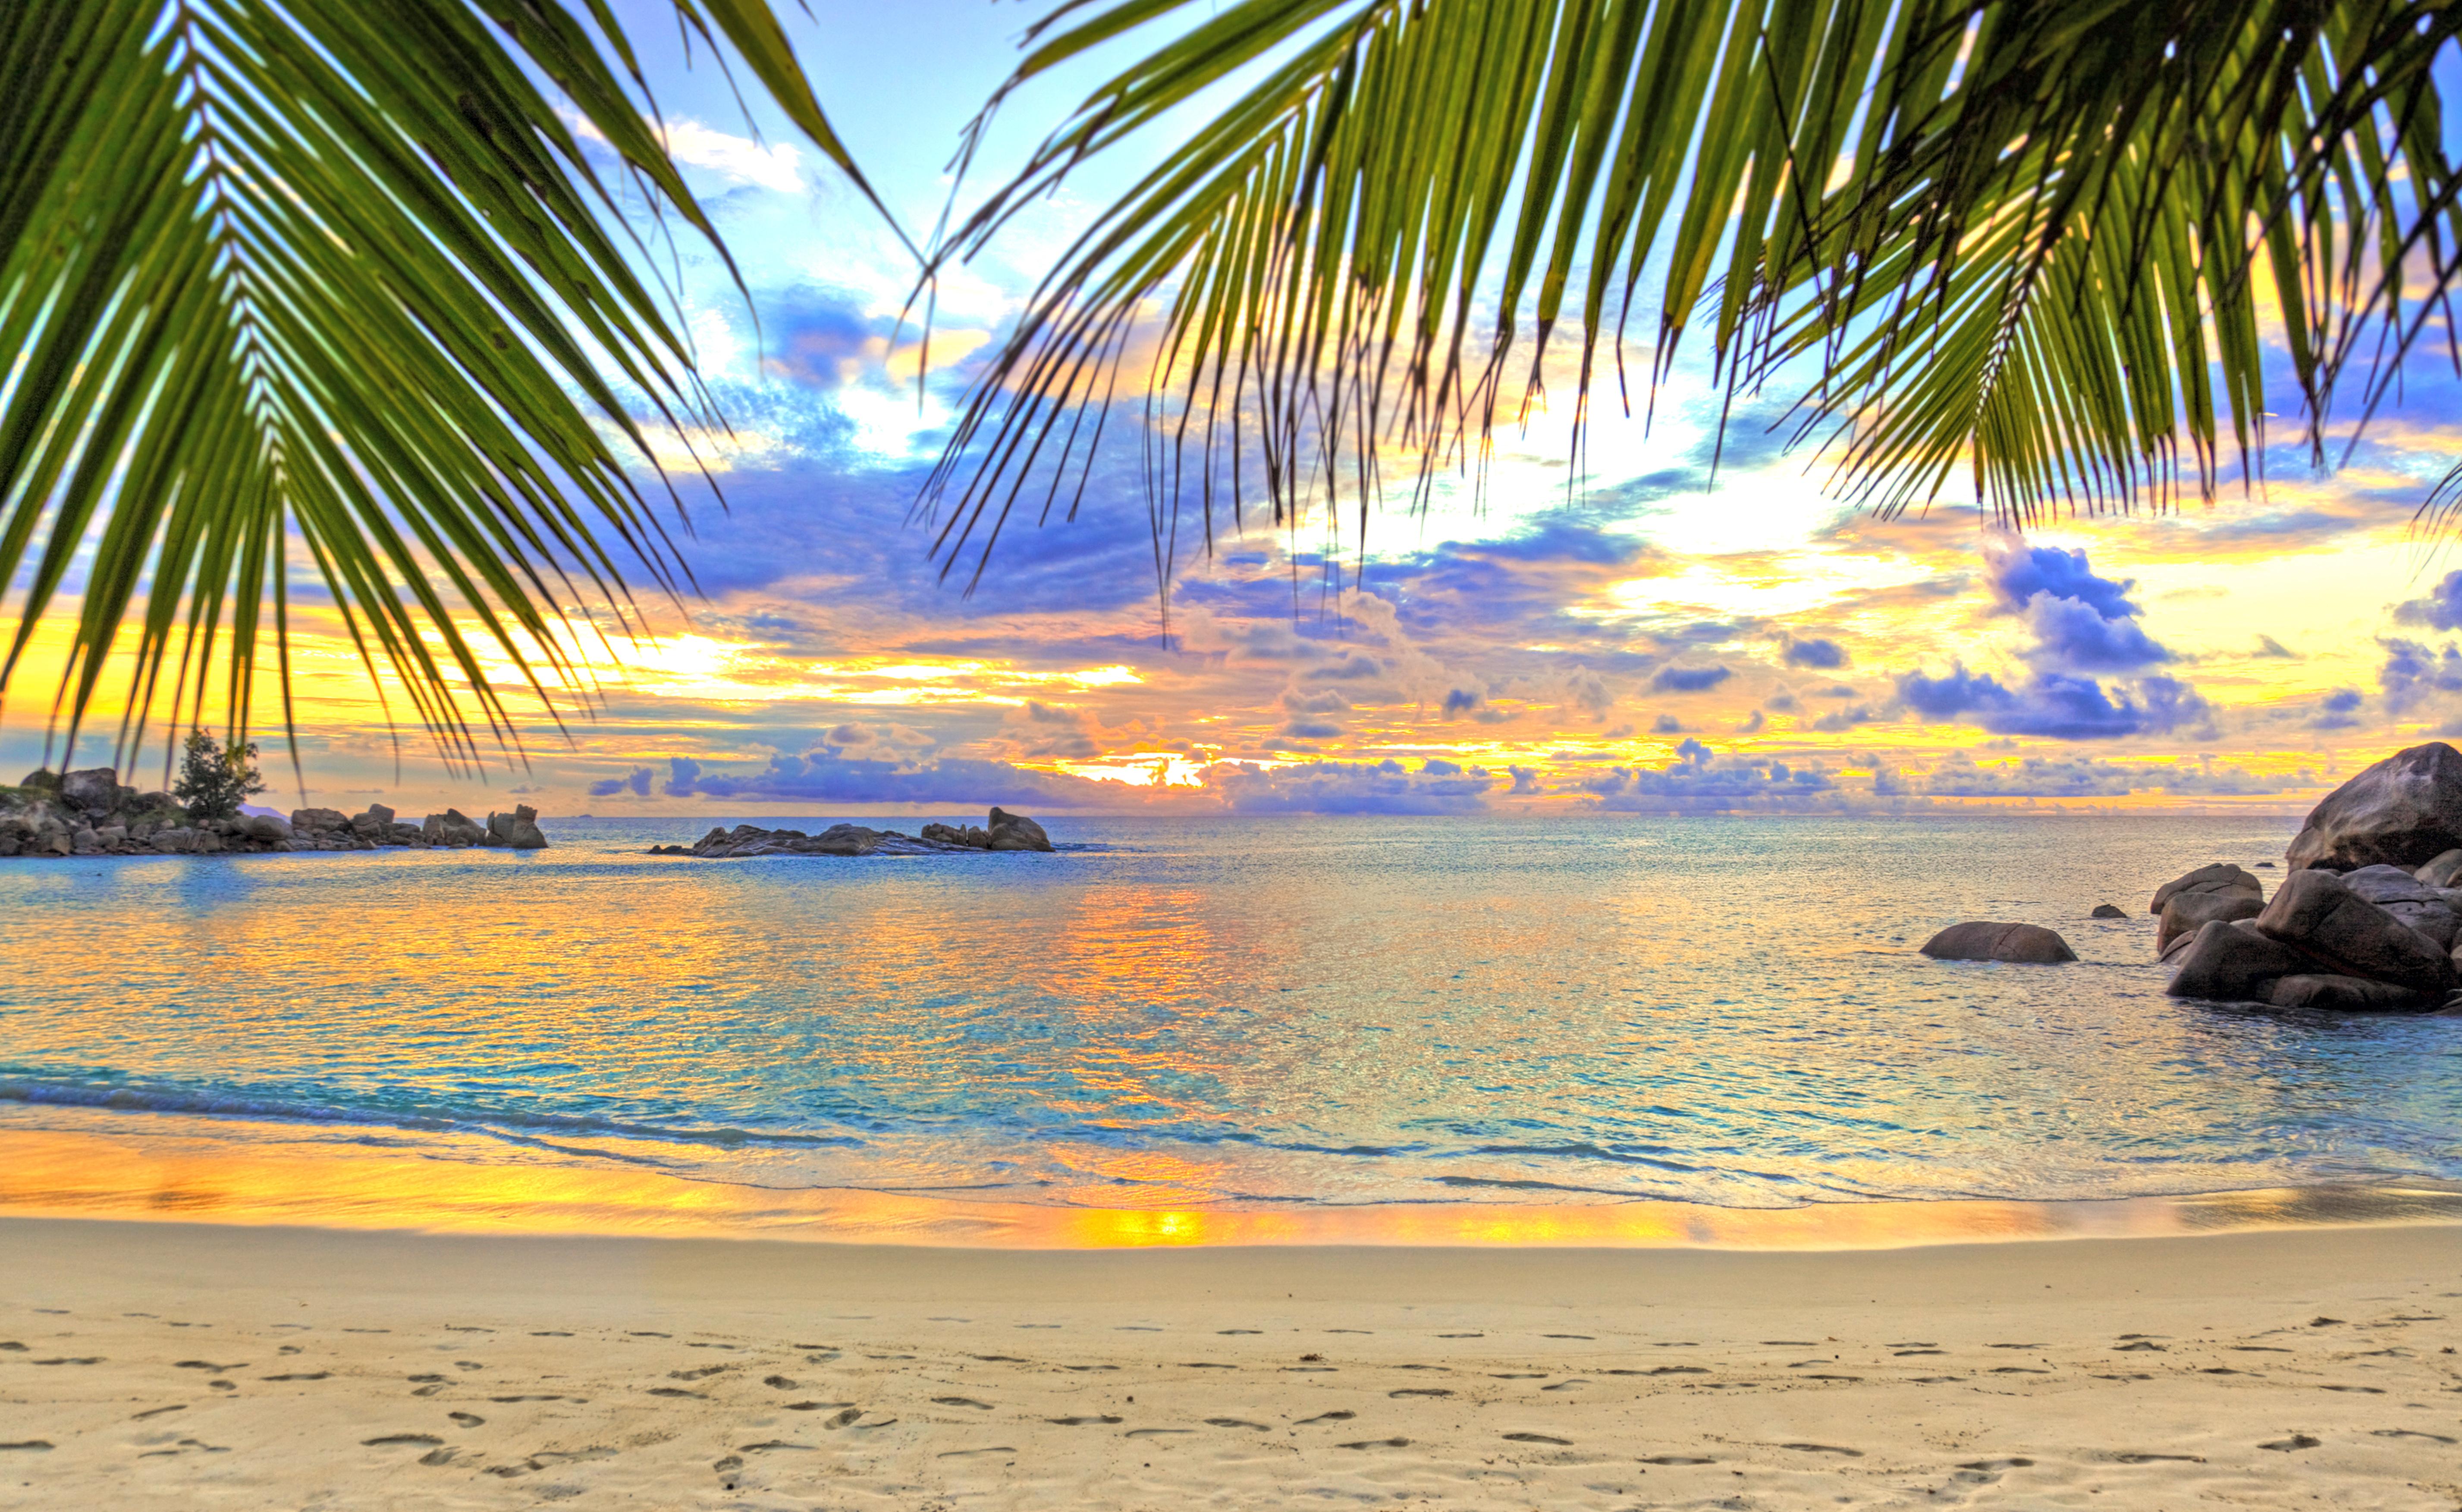 Море пляж открытка